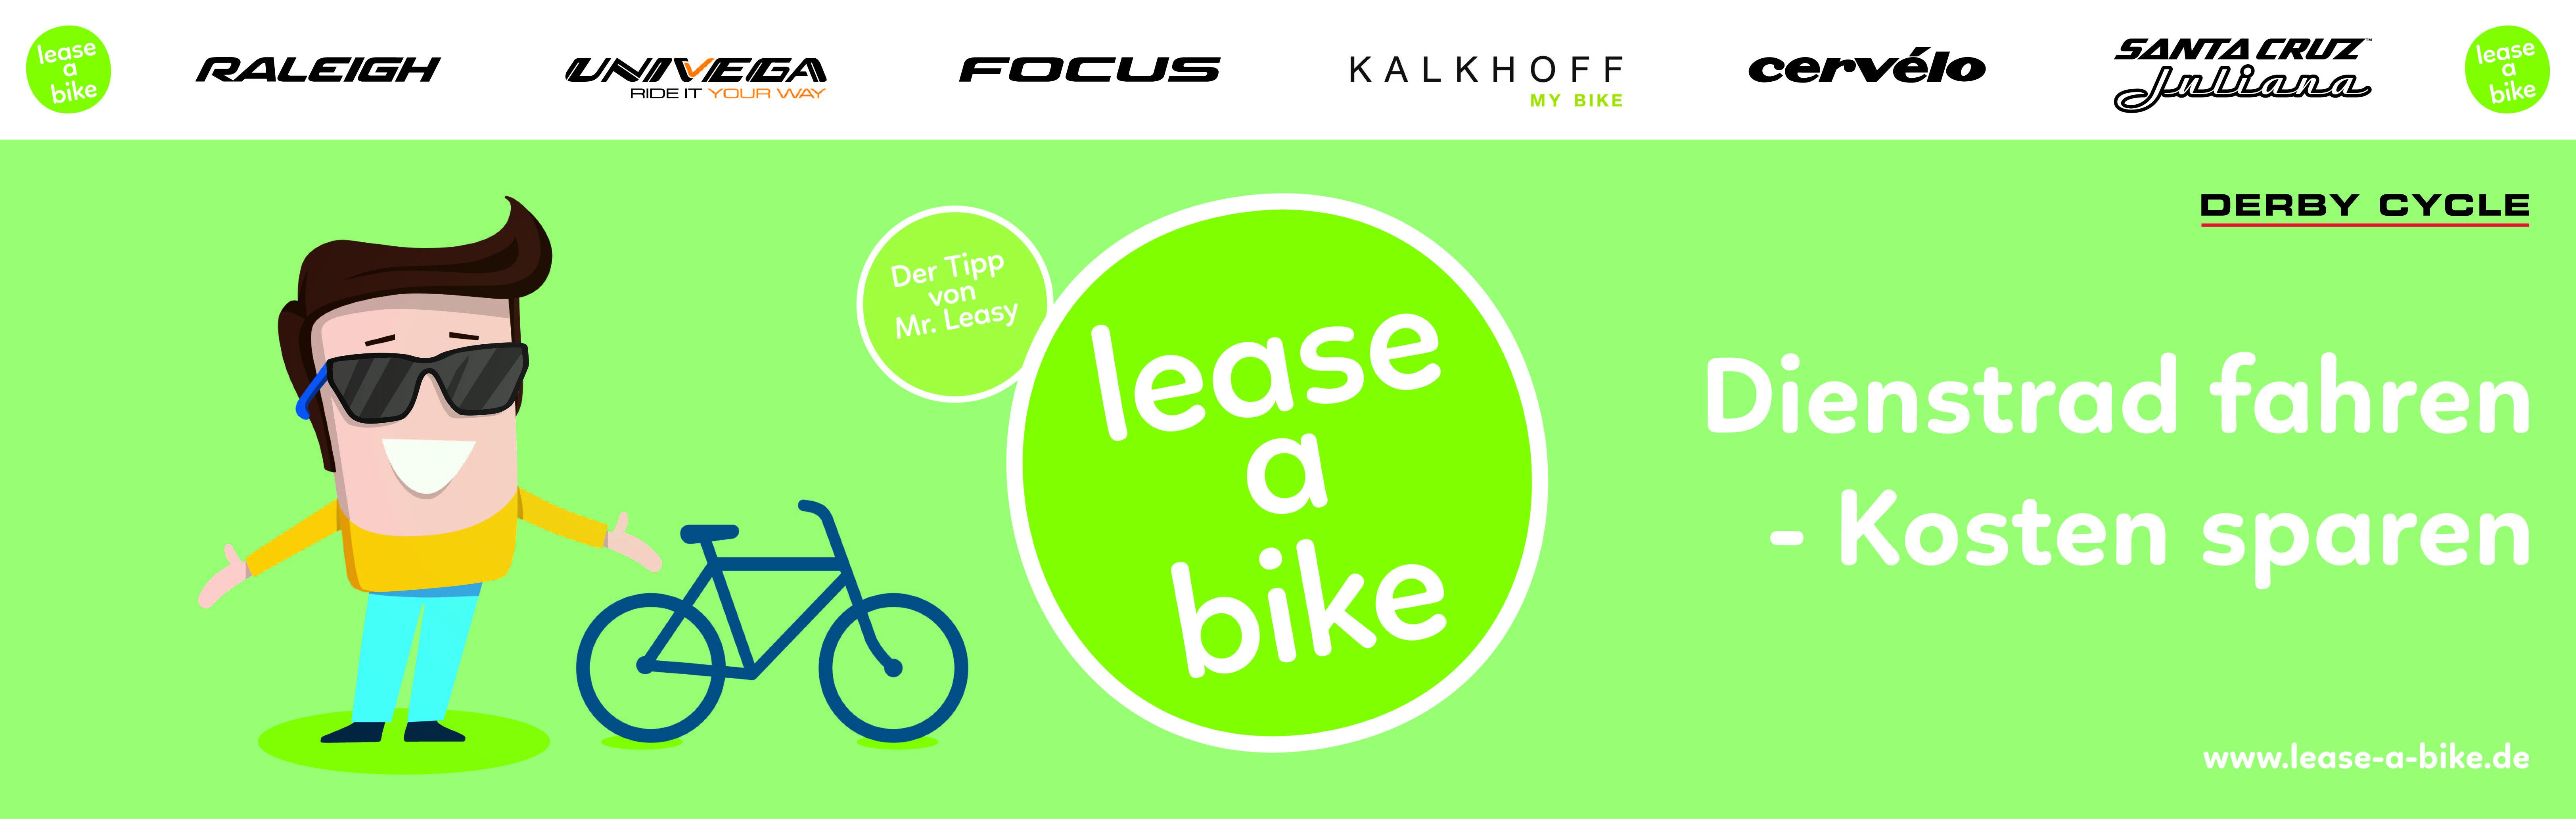 www.lease-a-bike.de/?gclid=CLWKw5rohdECFdYYGwod9T0GIQ